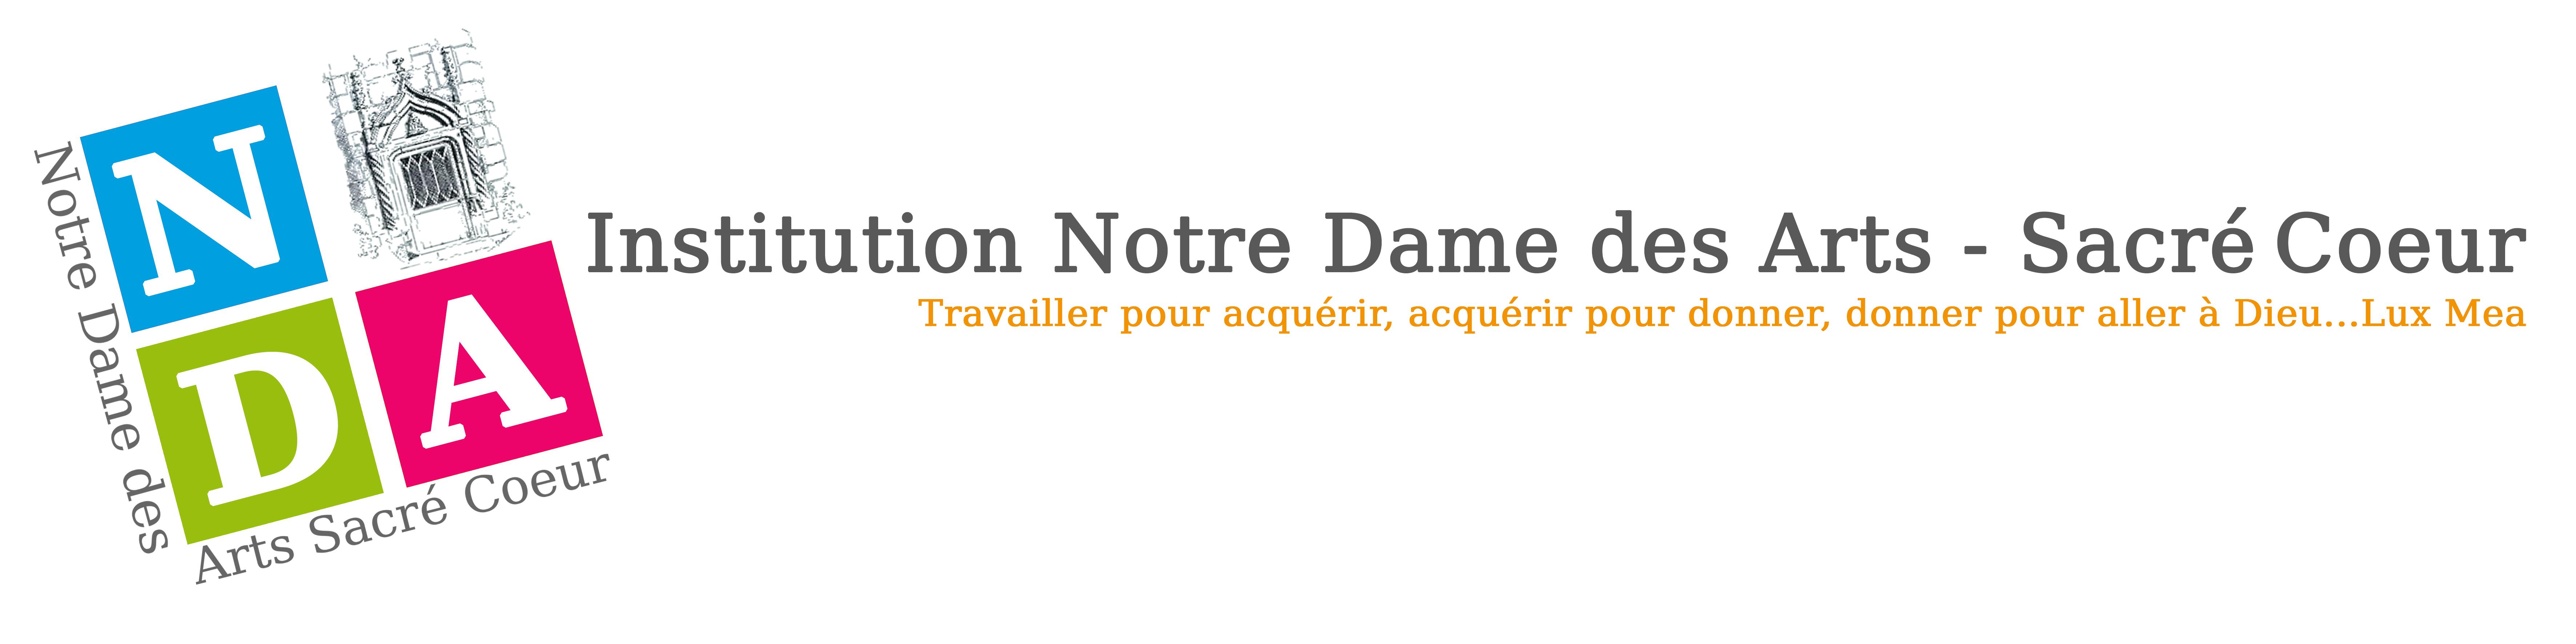 Institution Notre-Dame des Arts Sacré-Cœur